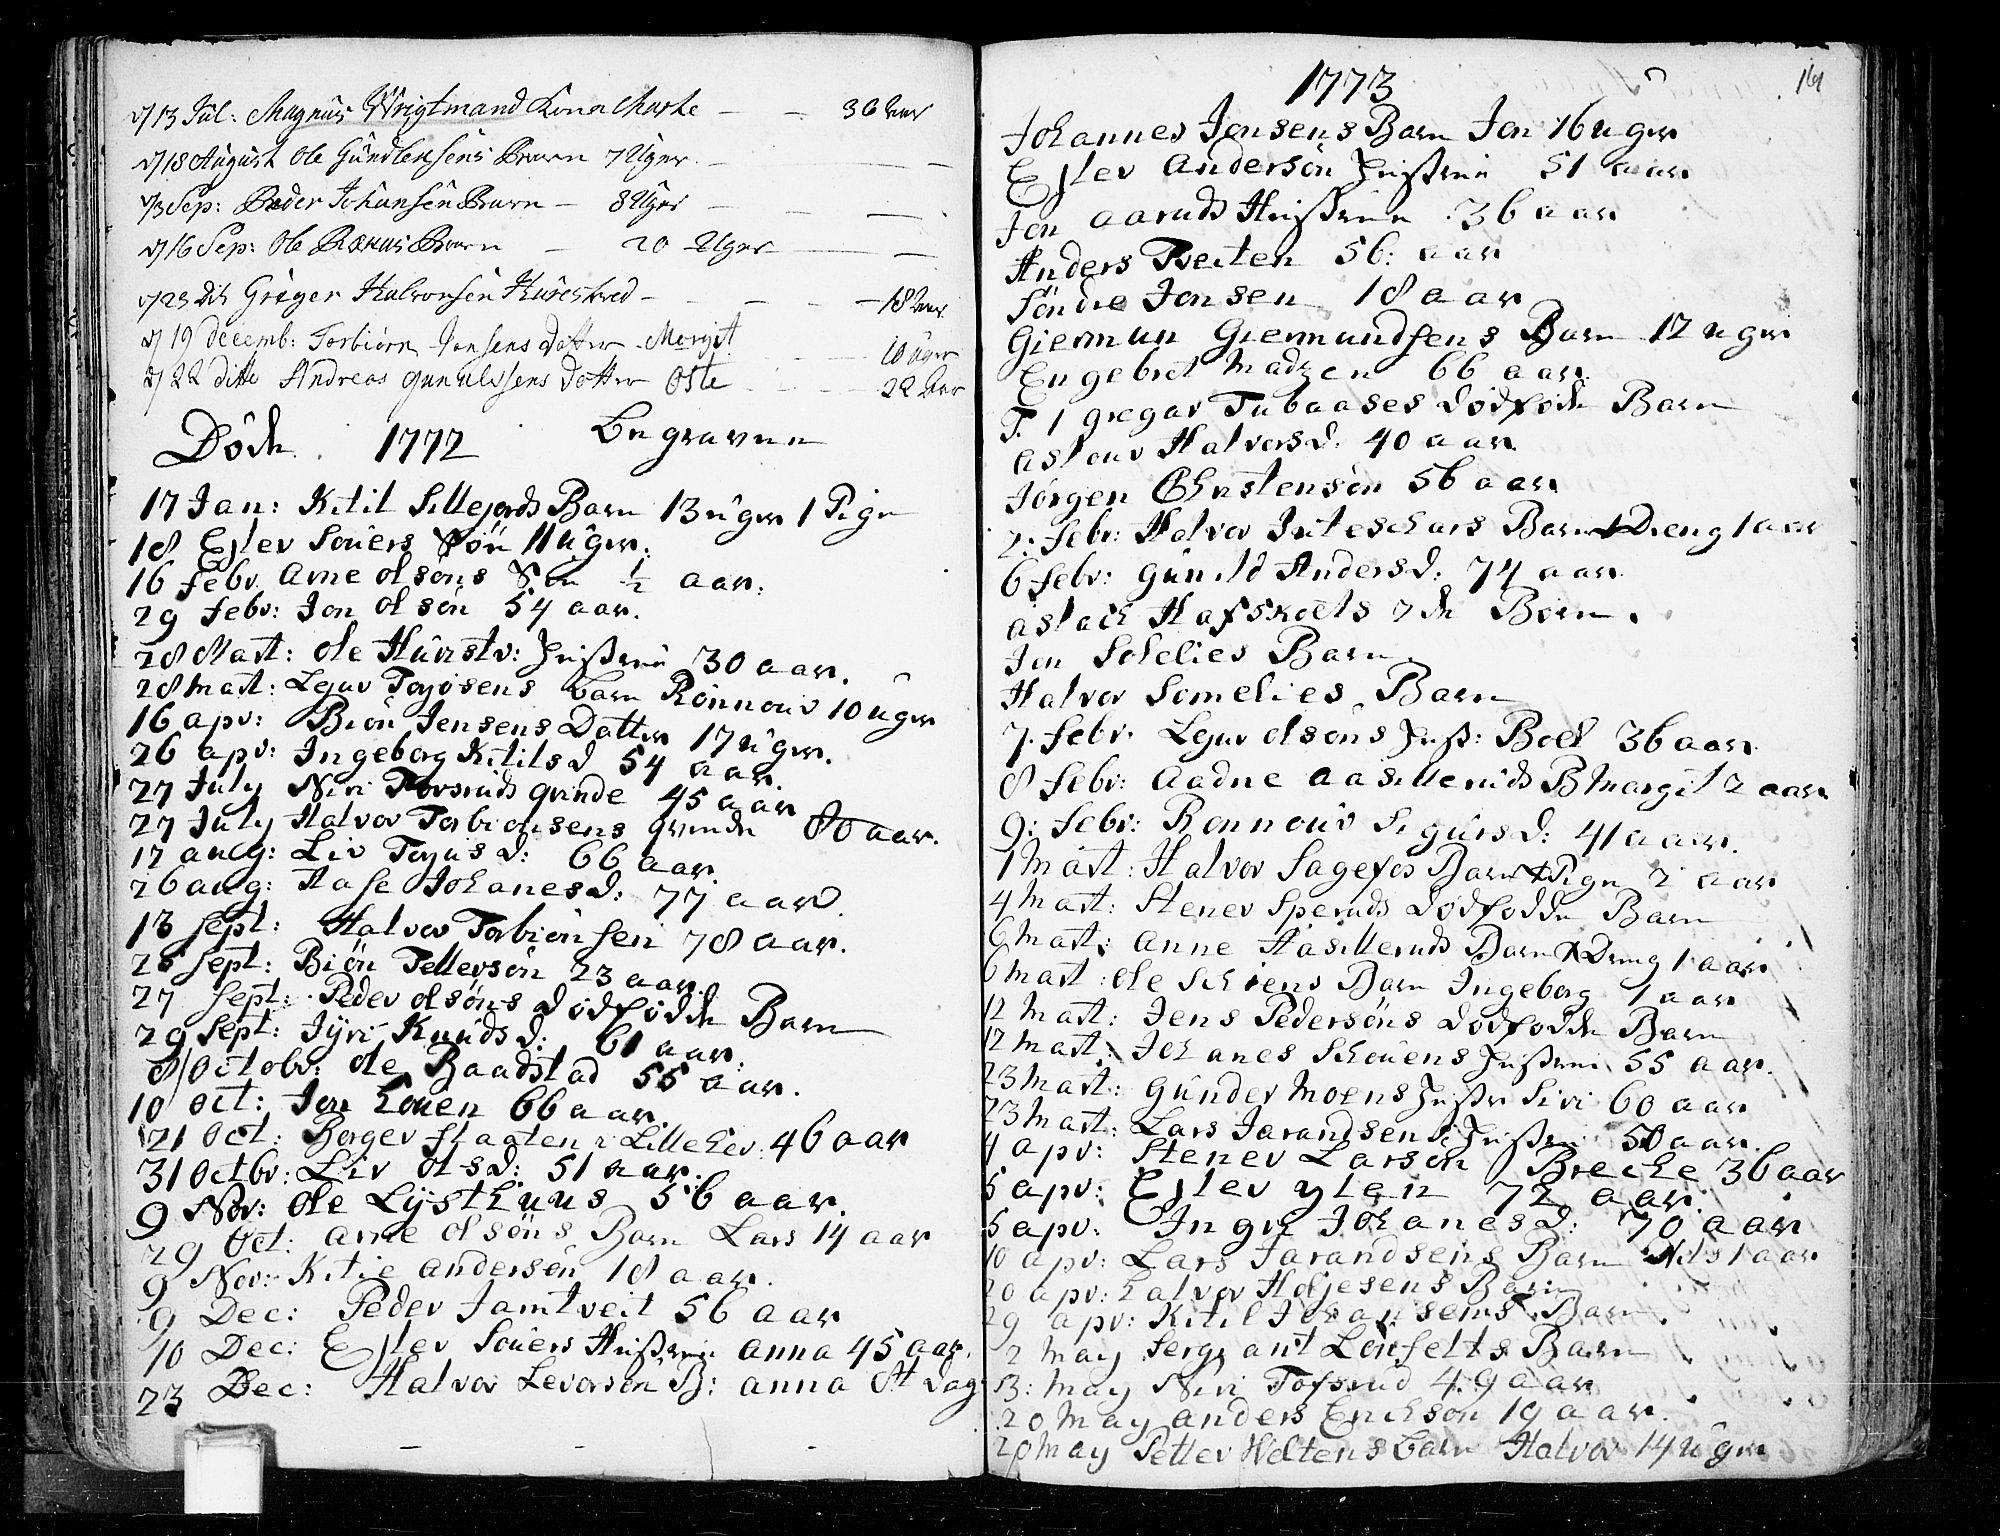 SAKO, Heddal kirkebøker, F/Fa/L0003: Ministerialbok nr. I 3, 1723-1783, s. 161